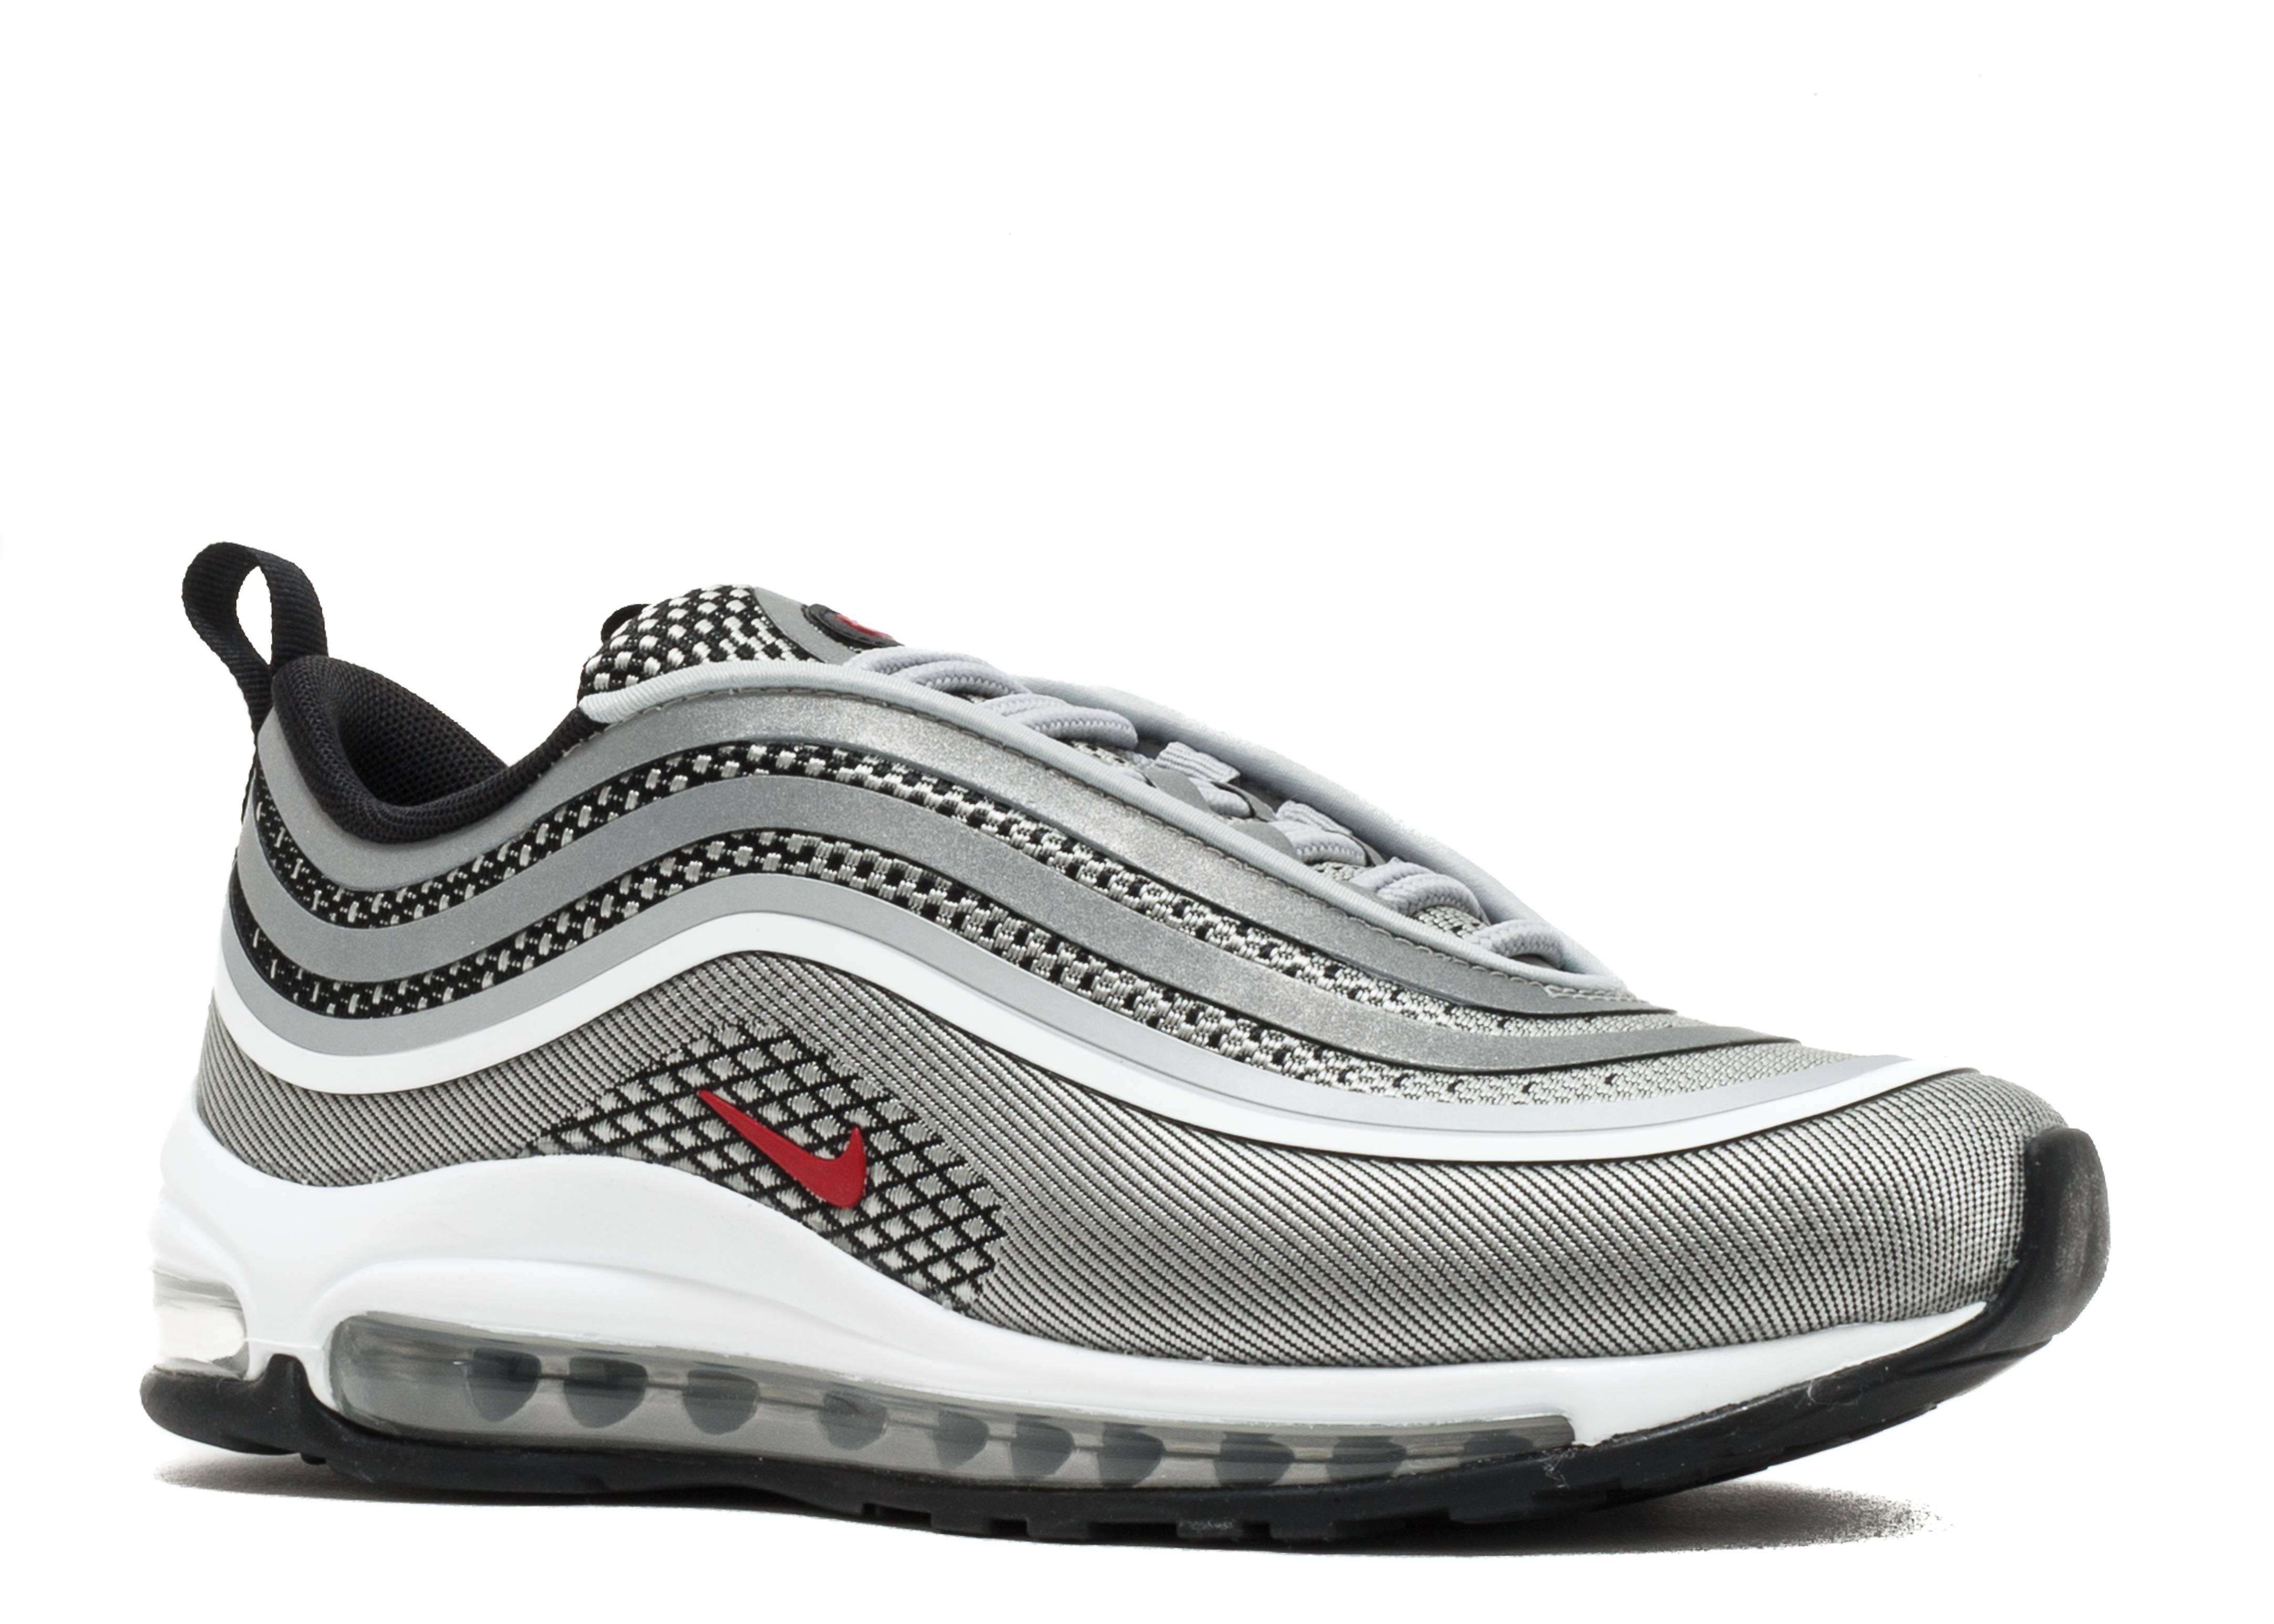 Nike Air Max 97 Marina Blue 2 17 Retro Release Date